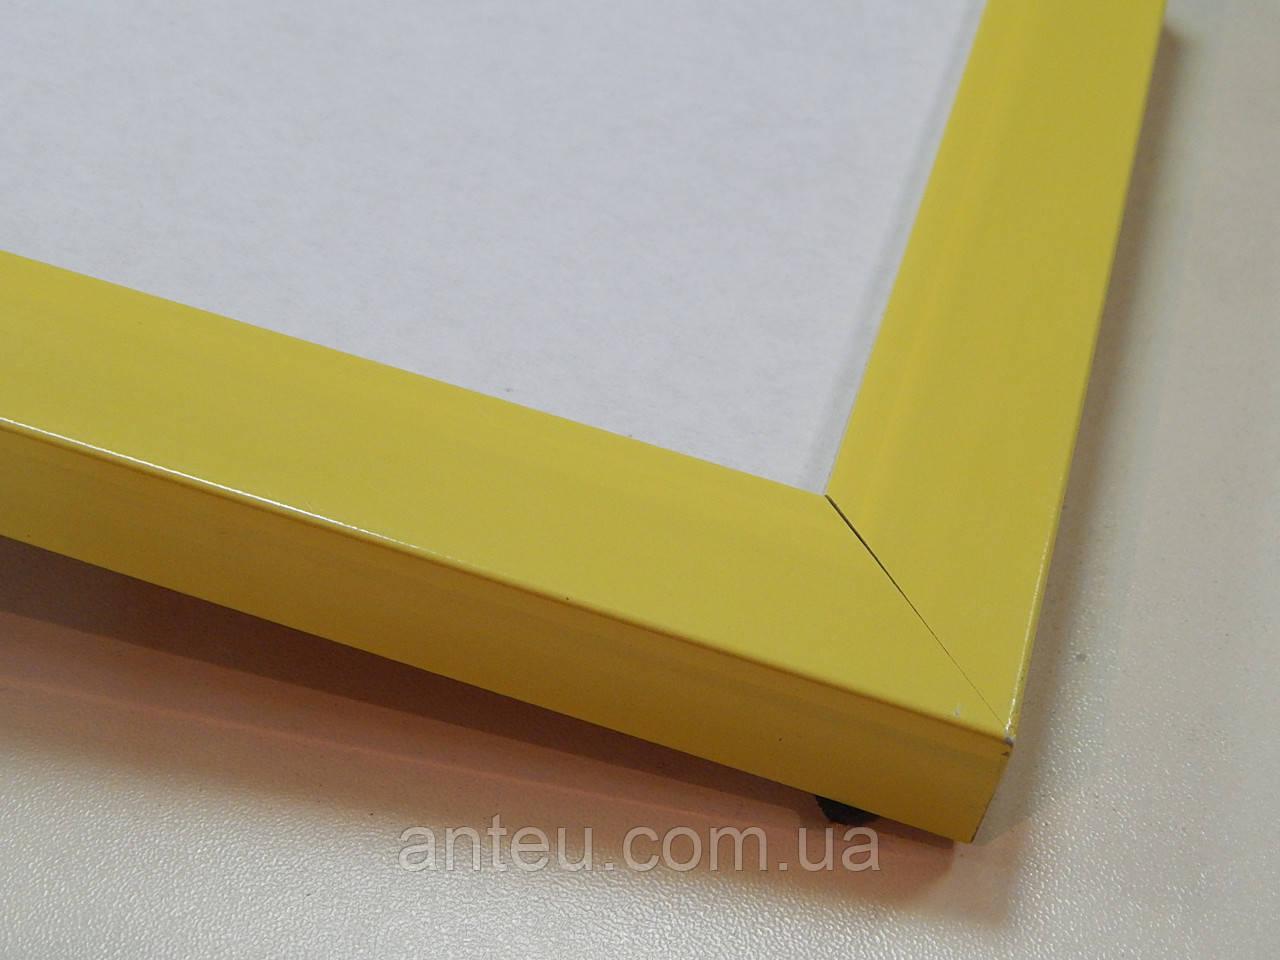 Рамка А2(420х594)Антибликовое стеклоПрофиль 22 мм. Жолтый.Для фото грамот дипломов.